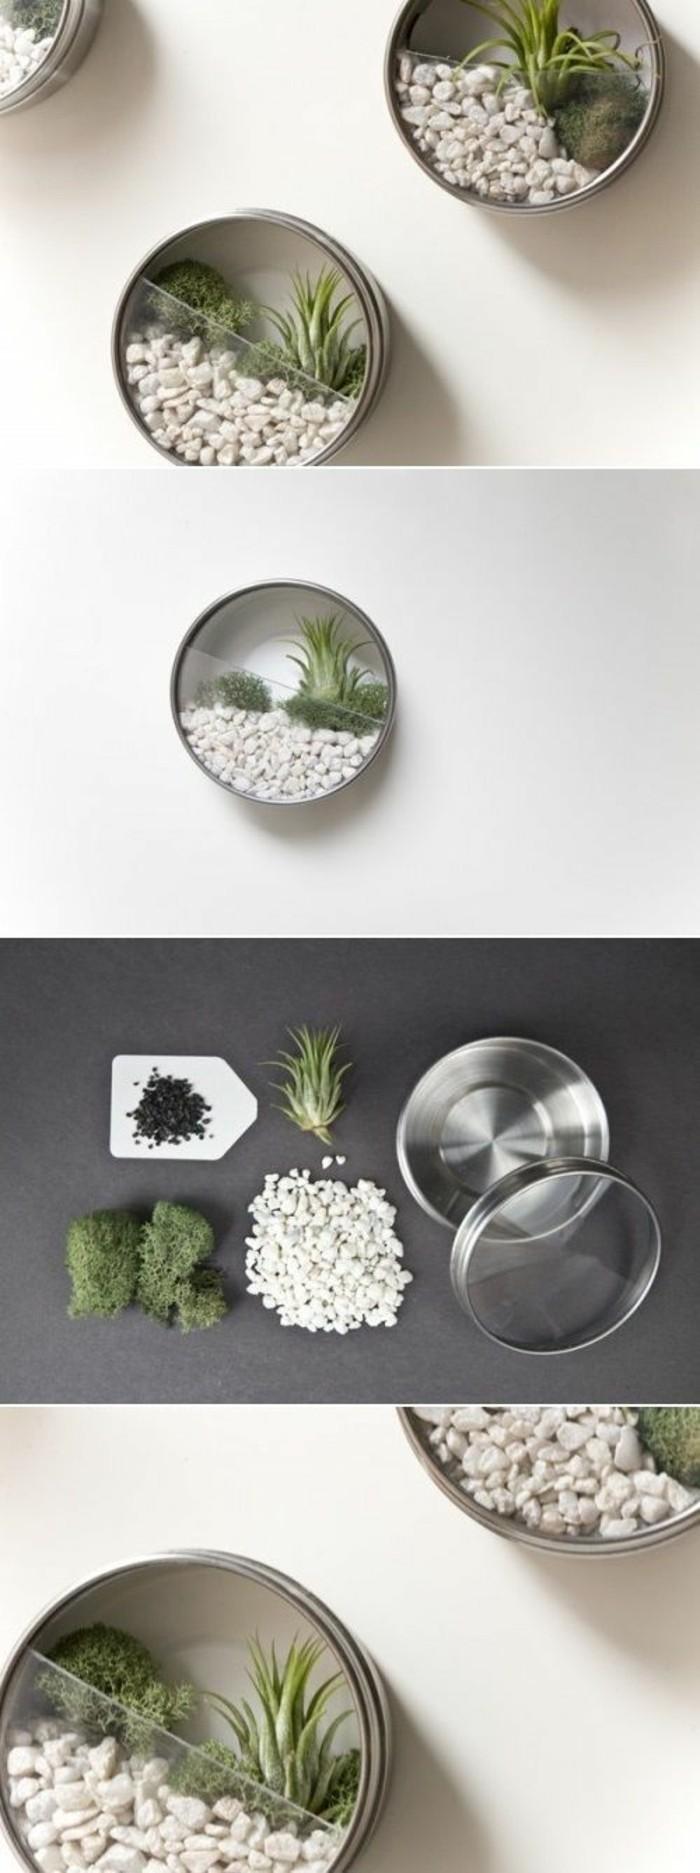 kreative-bastelideen-konservendosen-weisse-steinchen-gruene-pflanzen-wanddeko